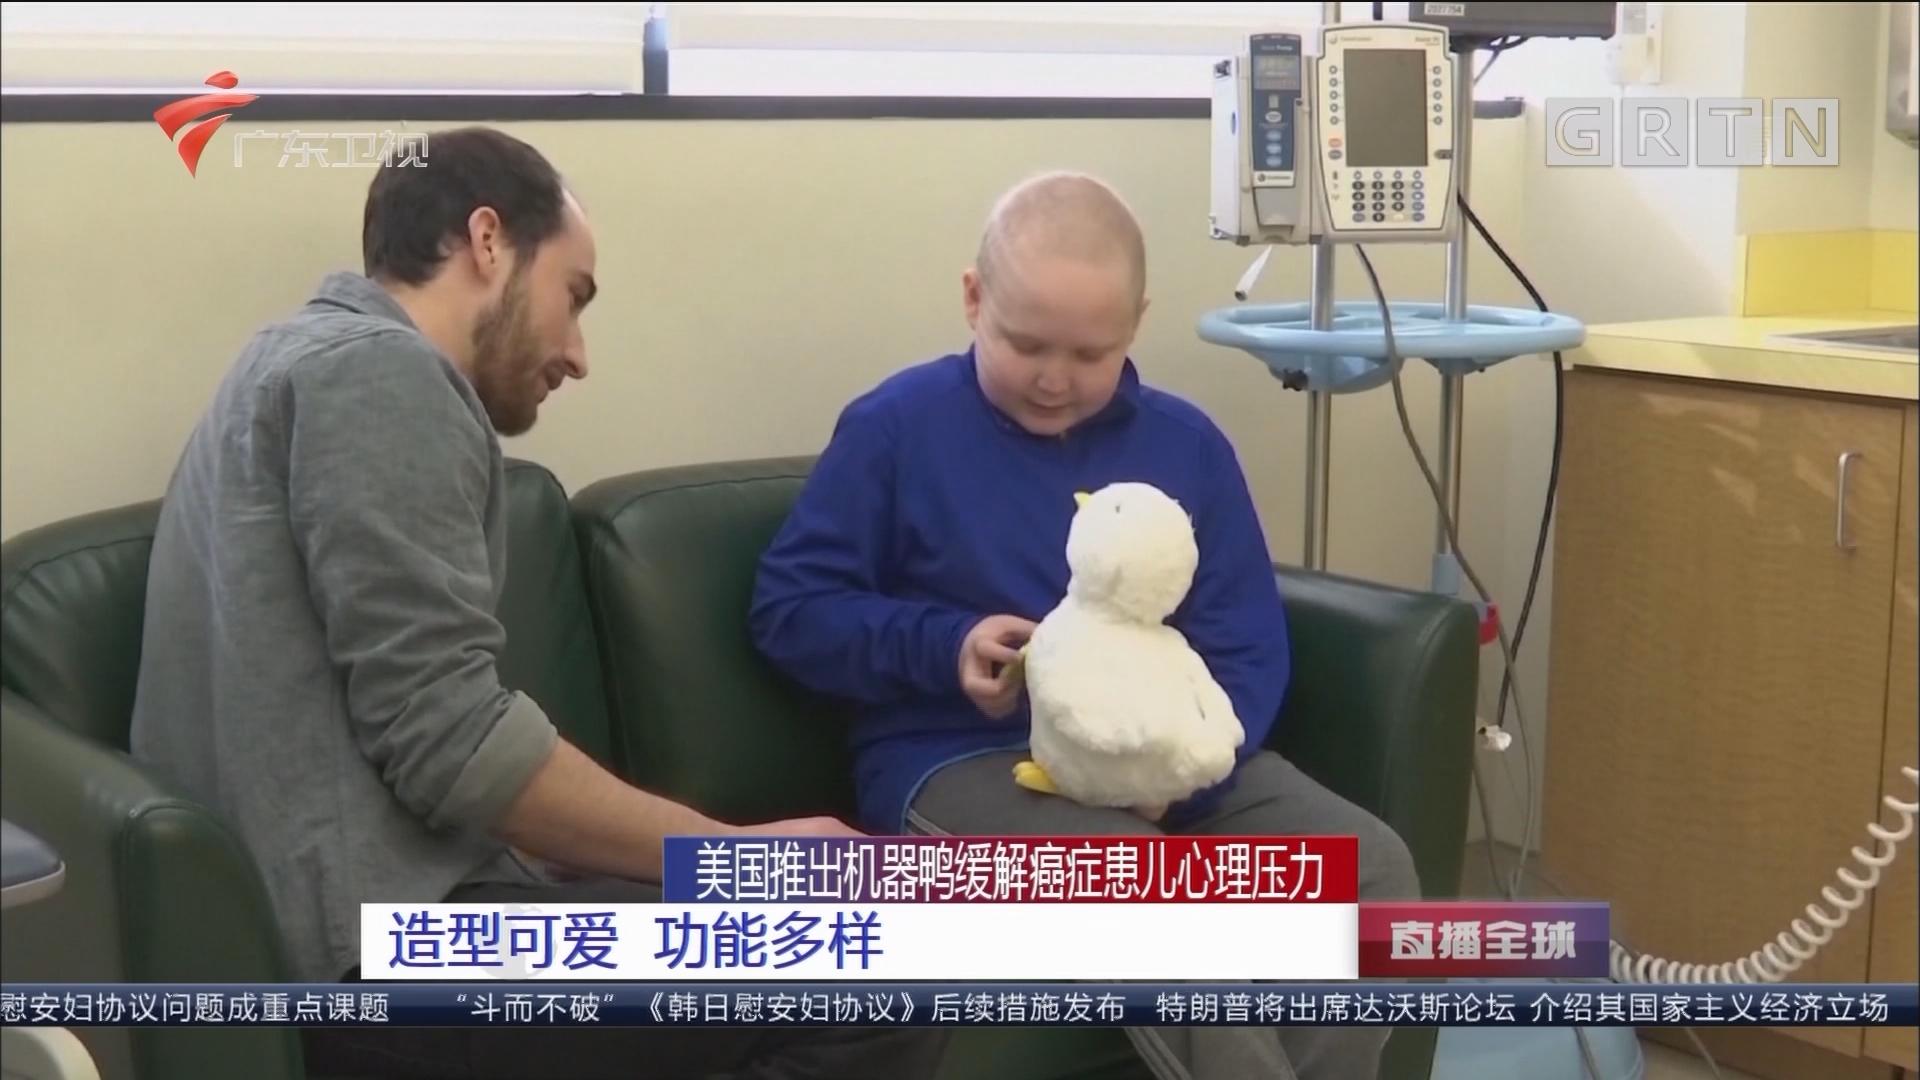 美国推出机器鸭缓解癌症患儿心理压力 造型可爱 功能多样